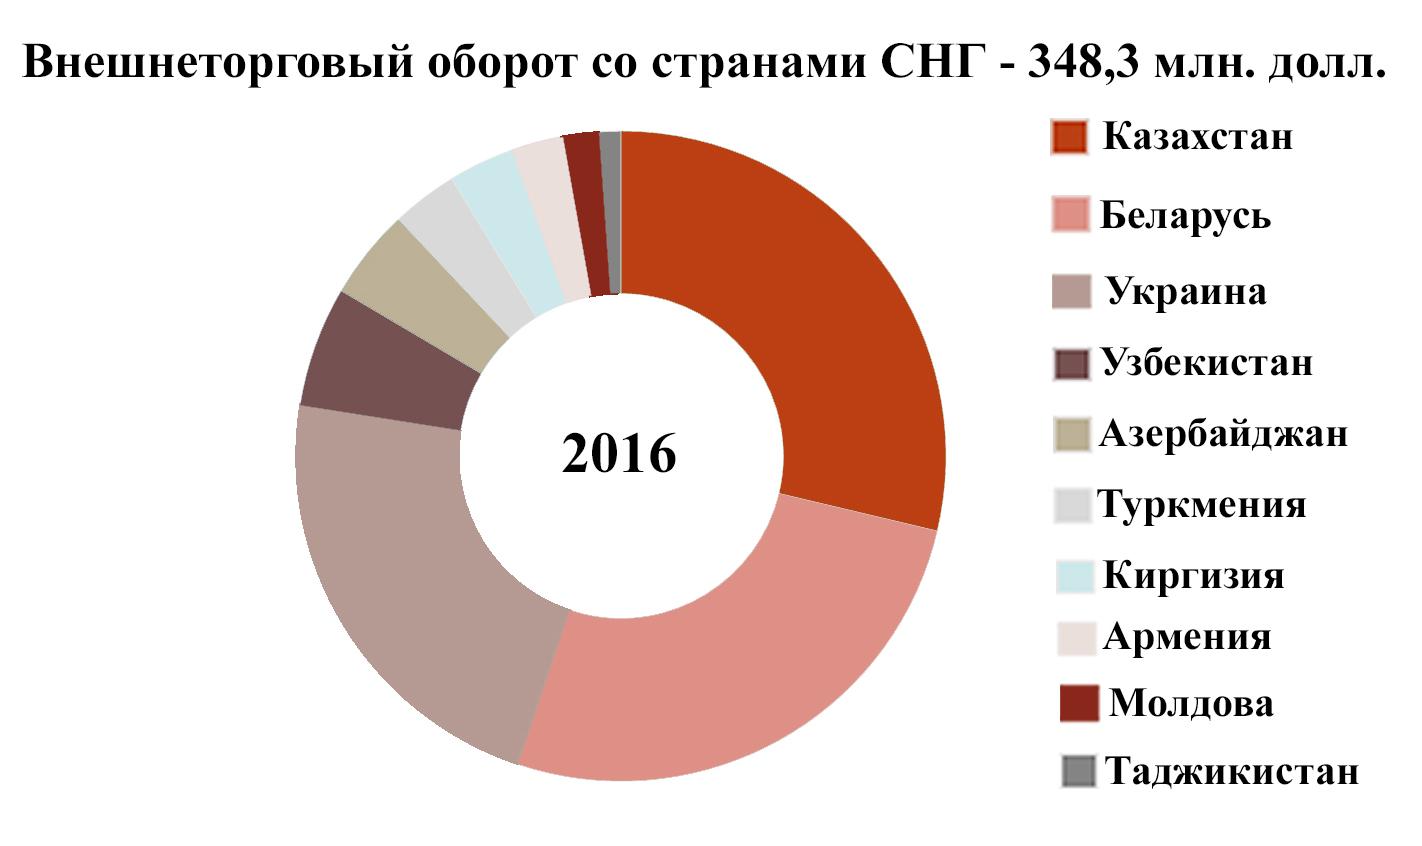 ВЛипецкой области вырос импорт состранами ближнего зарубежья